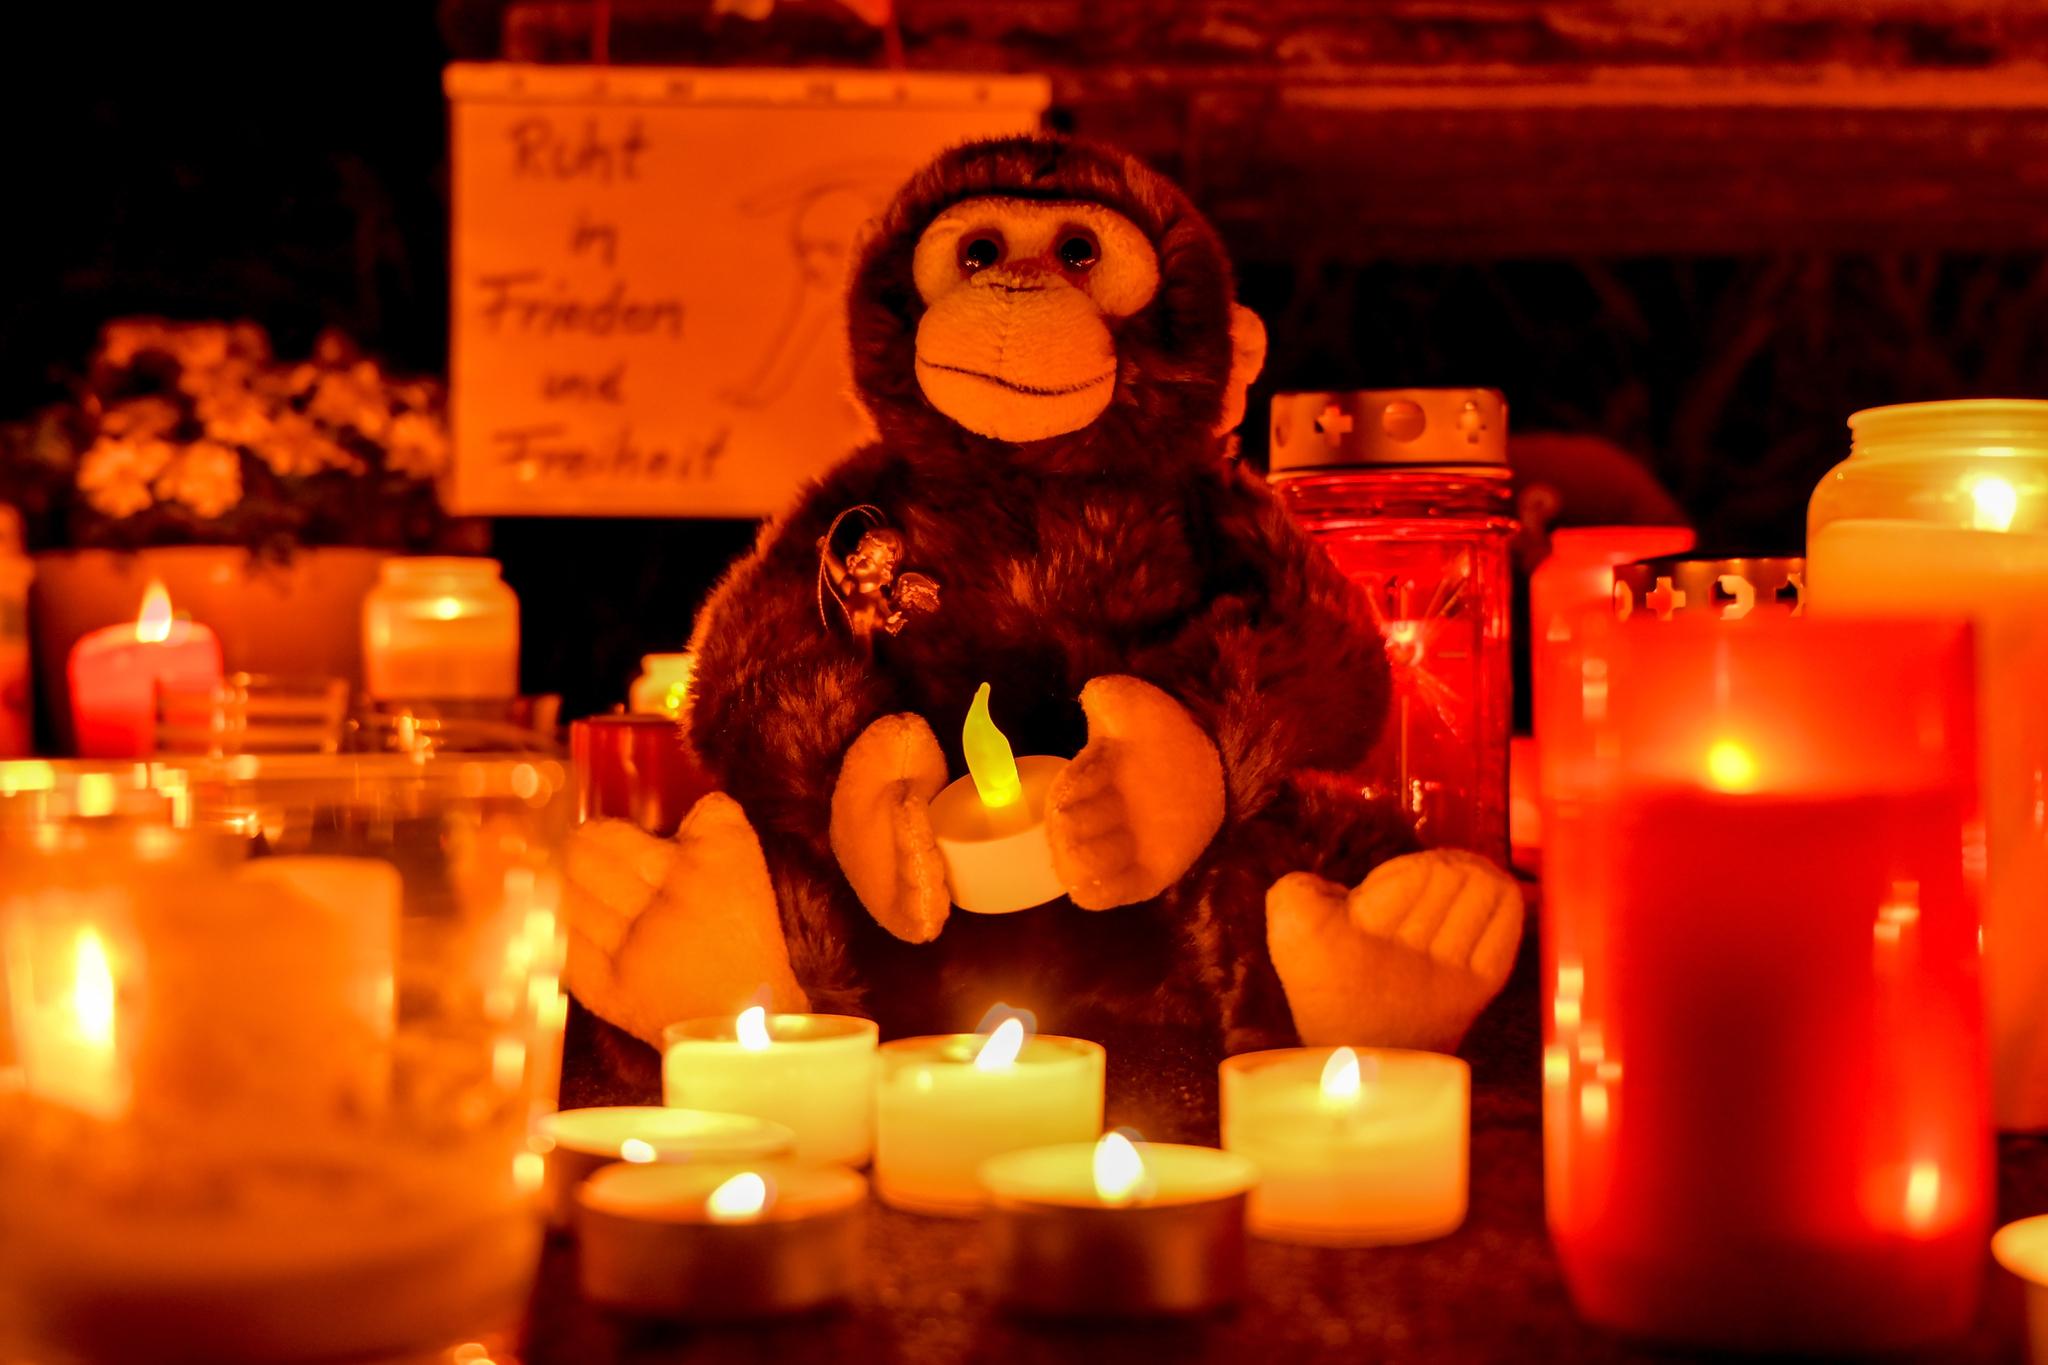 2020년 새해 첫날인 1일 화재가 발생한 독일 크레펠트 동물원 앞에 죽은 동물들을 추모하는 인형과 촛불이 놓여져 있다. 이날 발생한 화재로 인해 오랑우탄, 침팬지 등 동물 30마리 이상이 목숨을 잃었다. [EPA=연합뉴스]